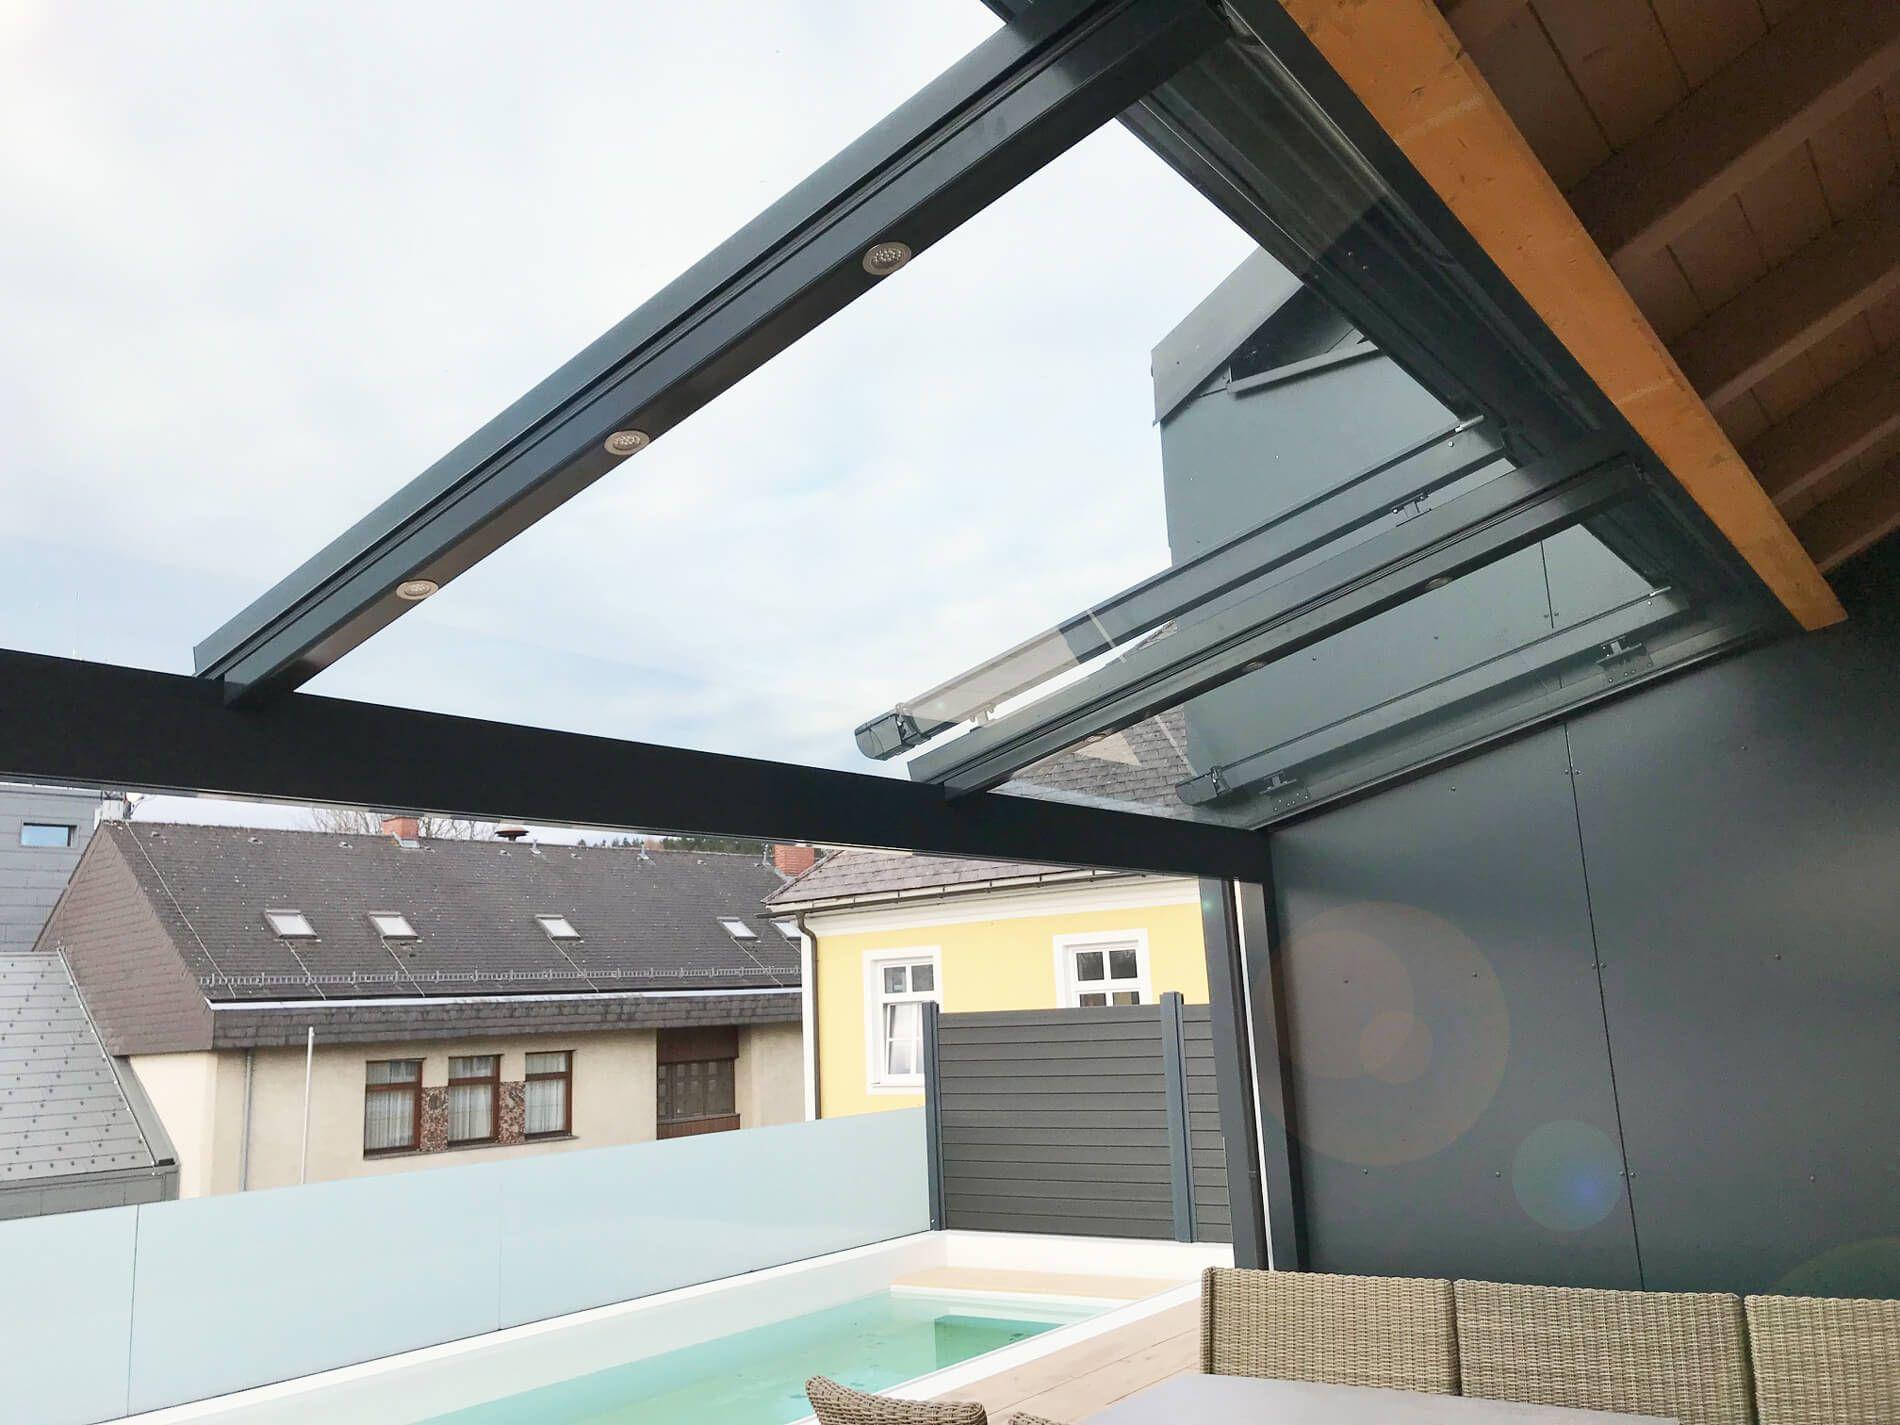 Terrassenuberdachung Mit Led Leuchten Und Dach Glas Uberdachungen Uberdachung Terrasse Terrassenuberdachung